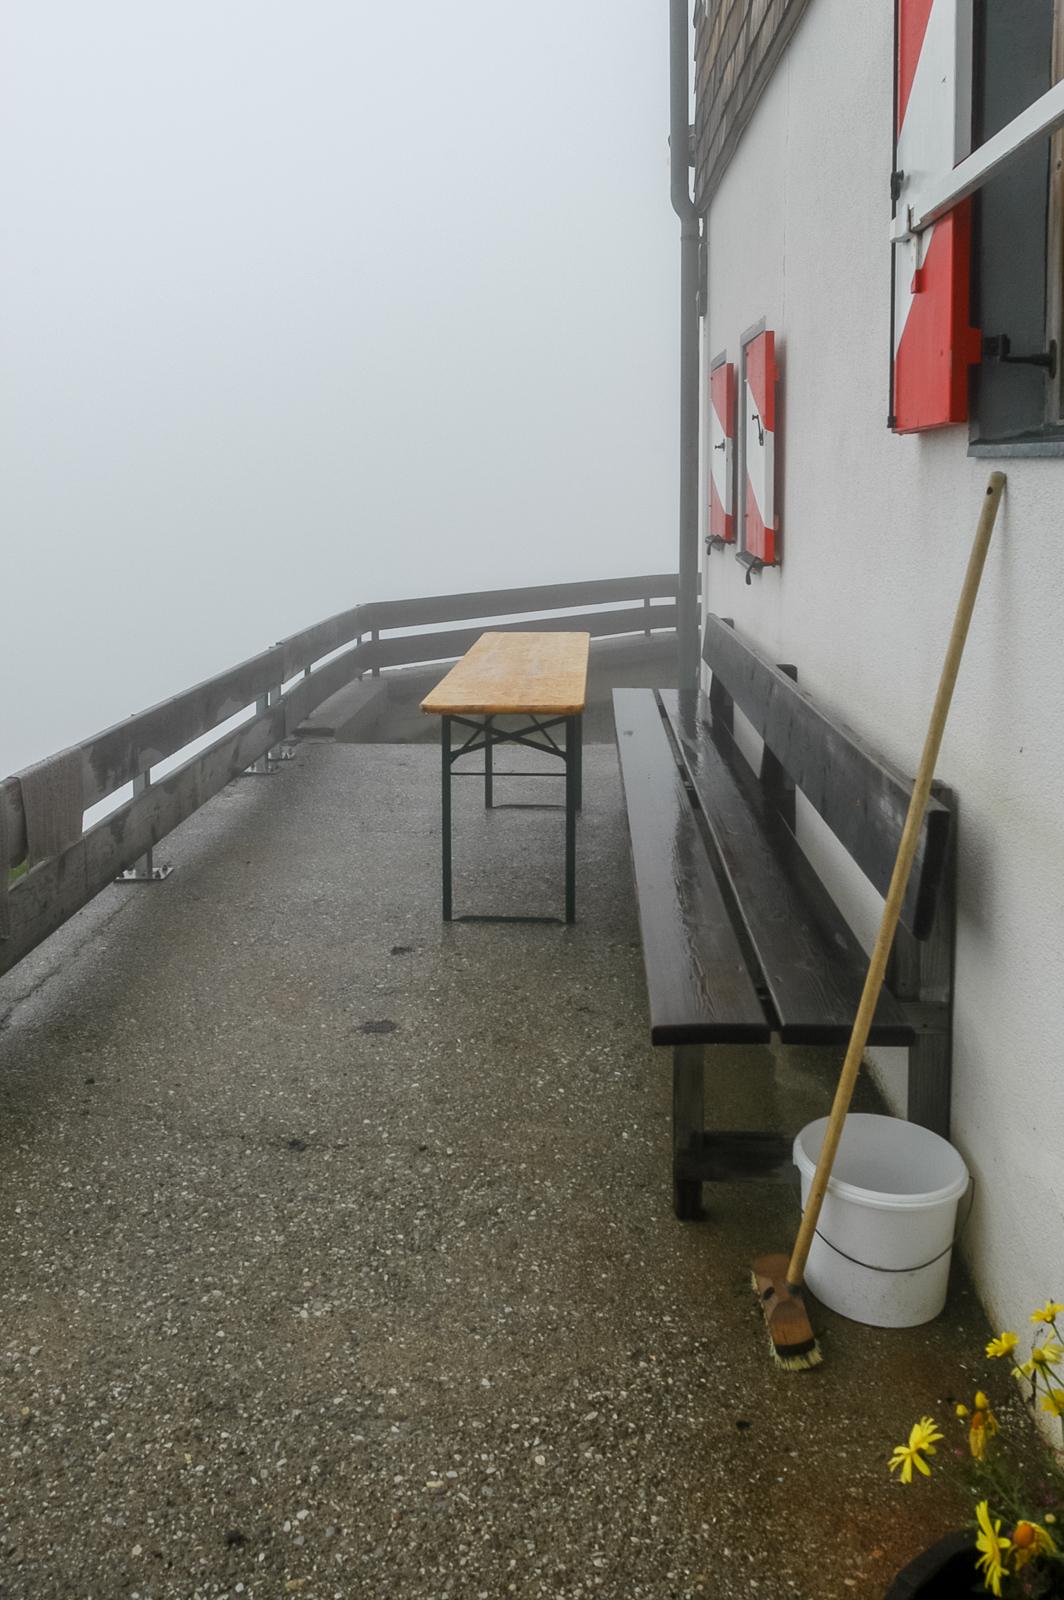 Am Morgen sind die Nebel grau. Der Regen lässt unseren Plan ins Wasser fallen. Der Habicht bleibt heut alleingelassen